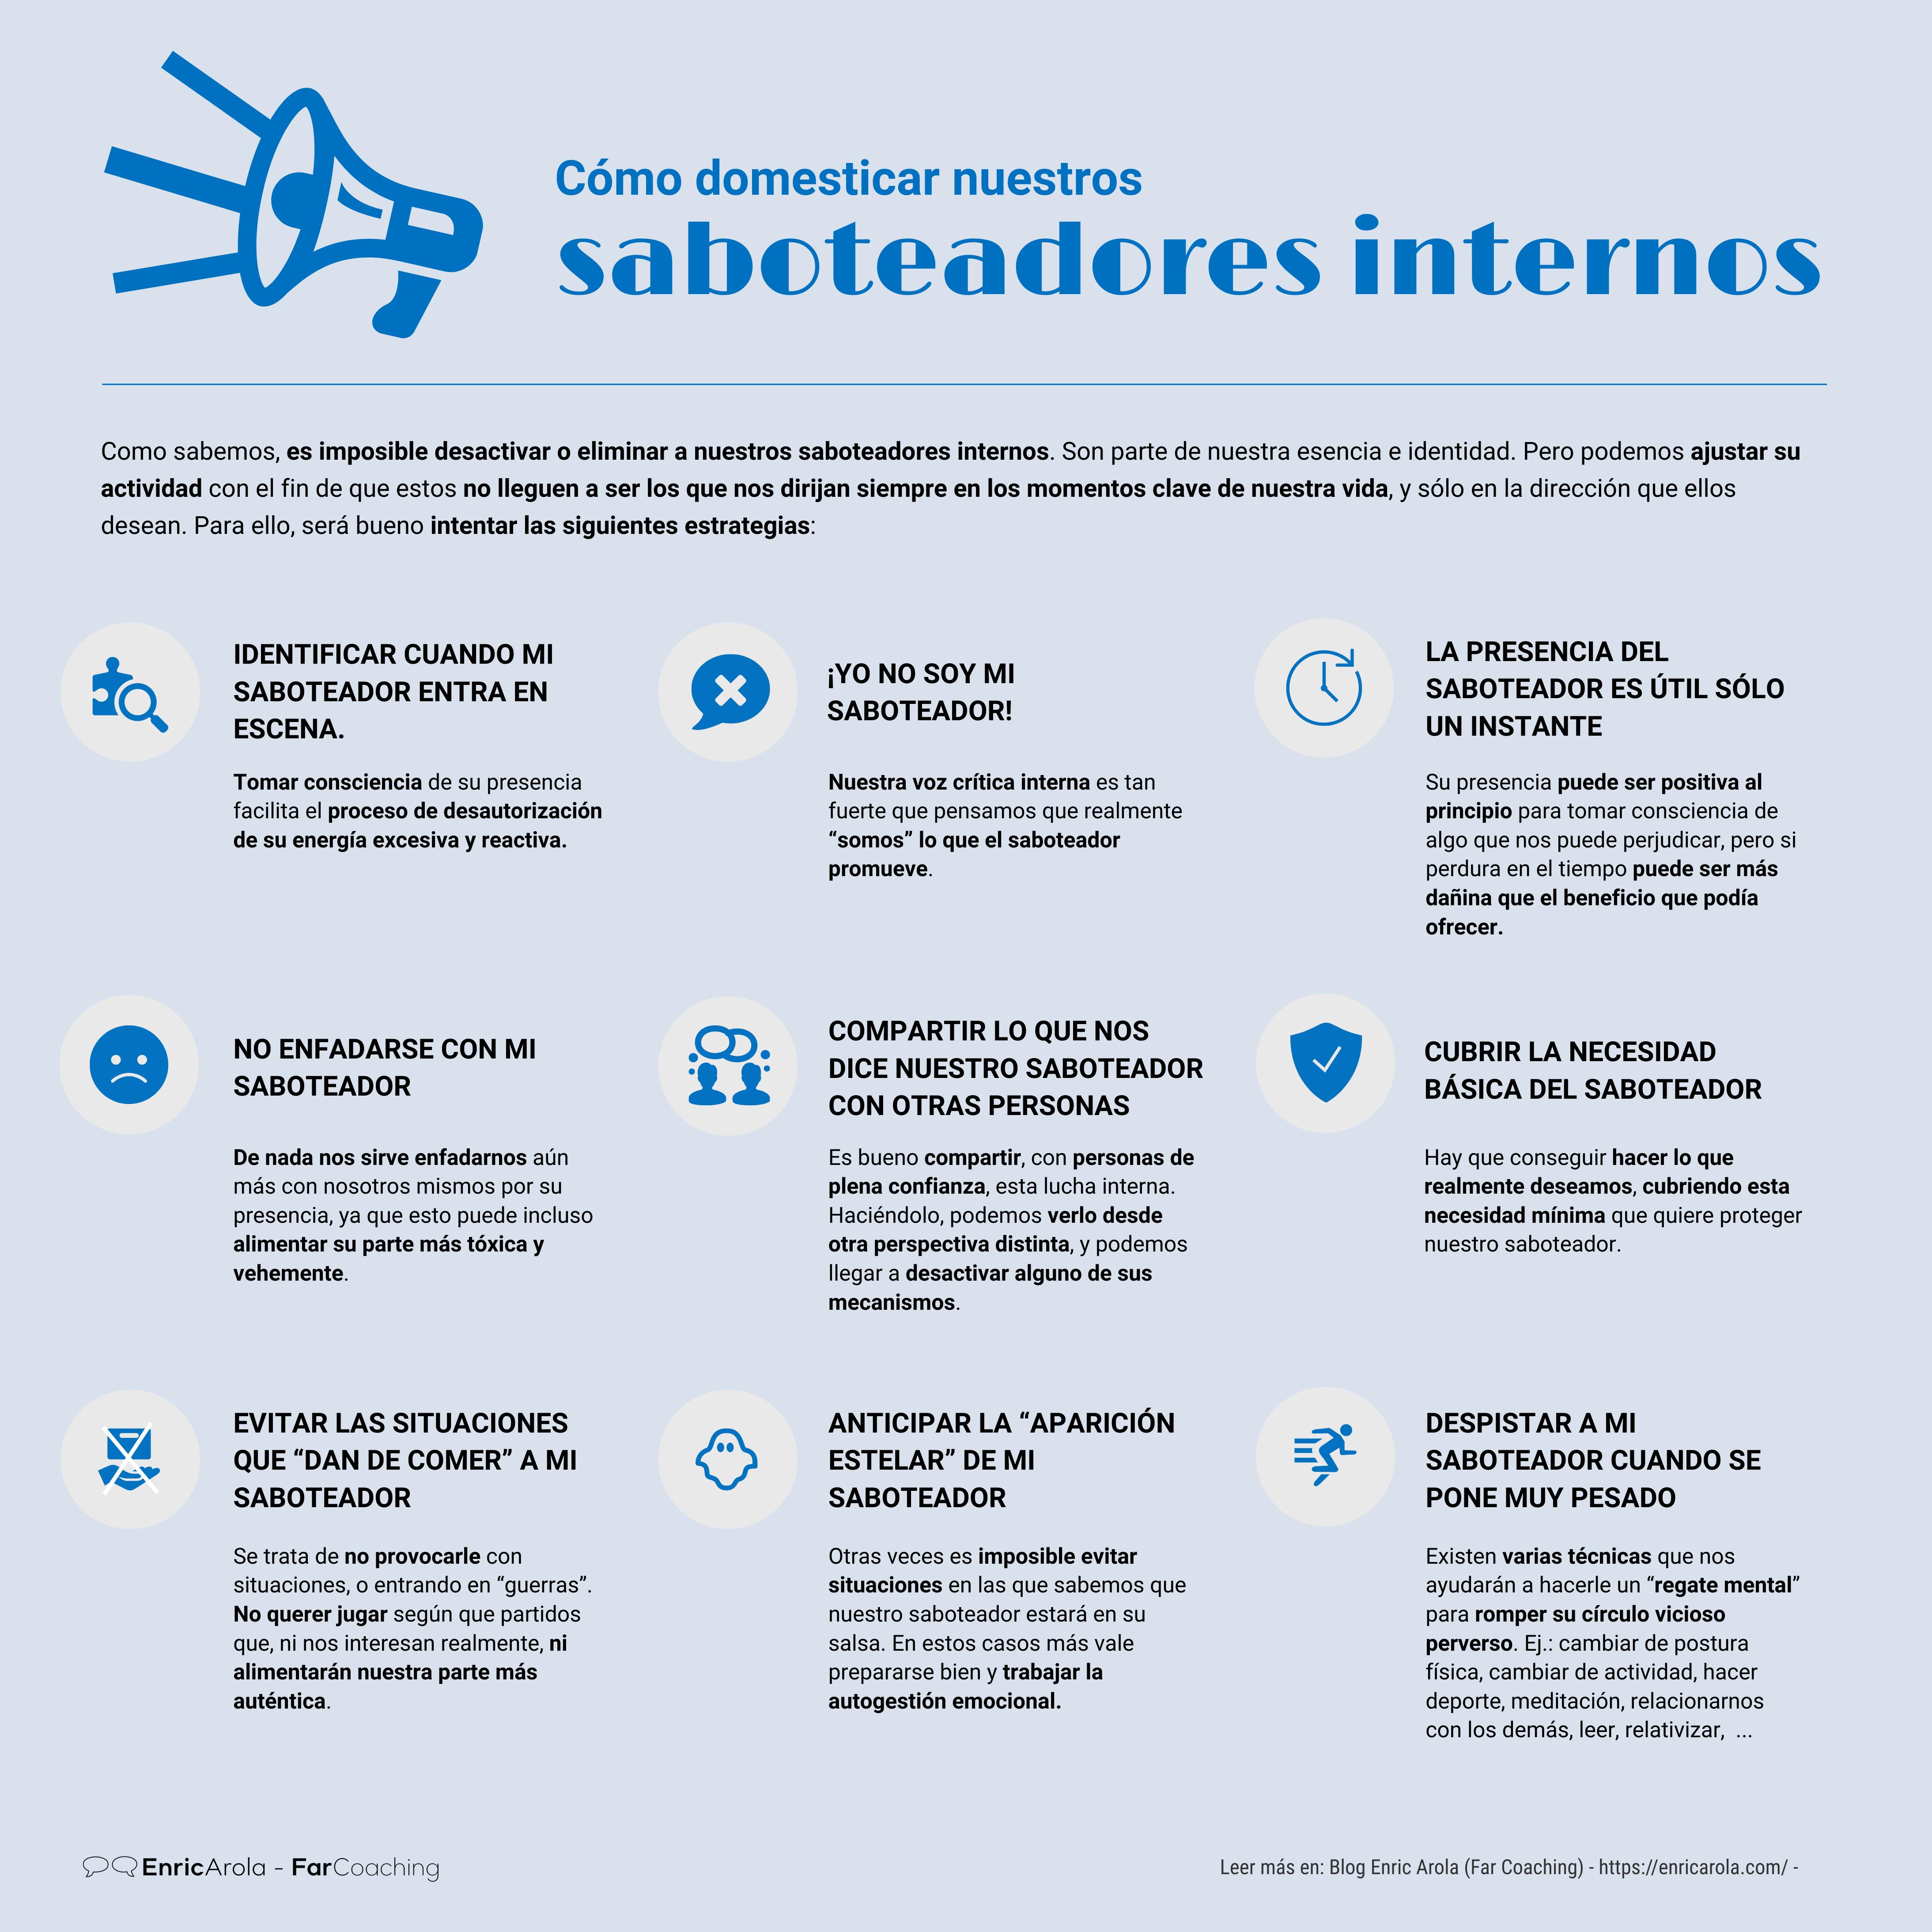 Infografía Cómo domesticar nuestros saboteadores internos